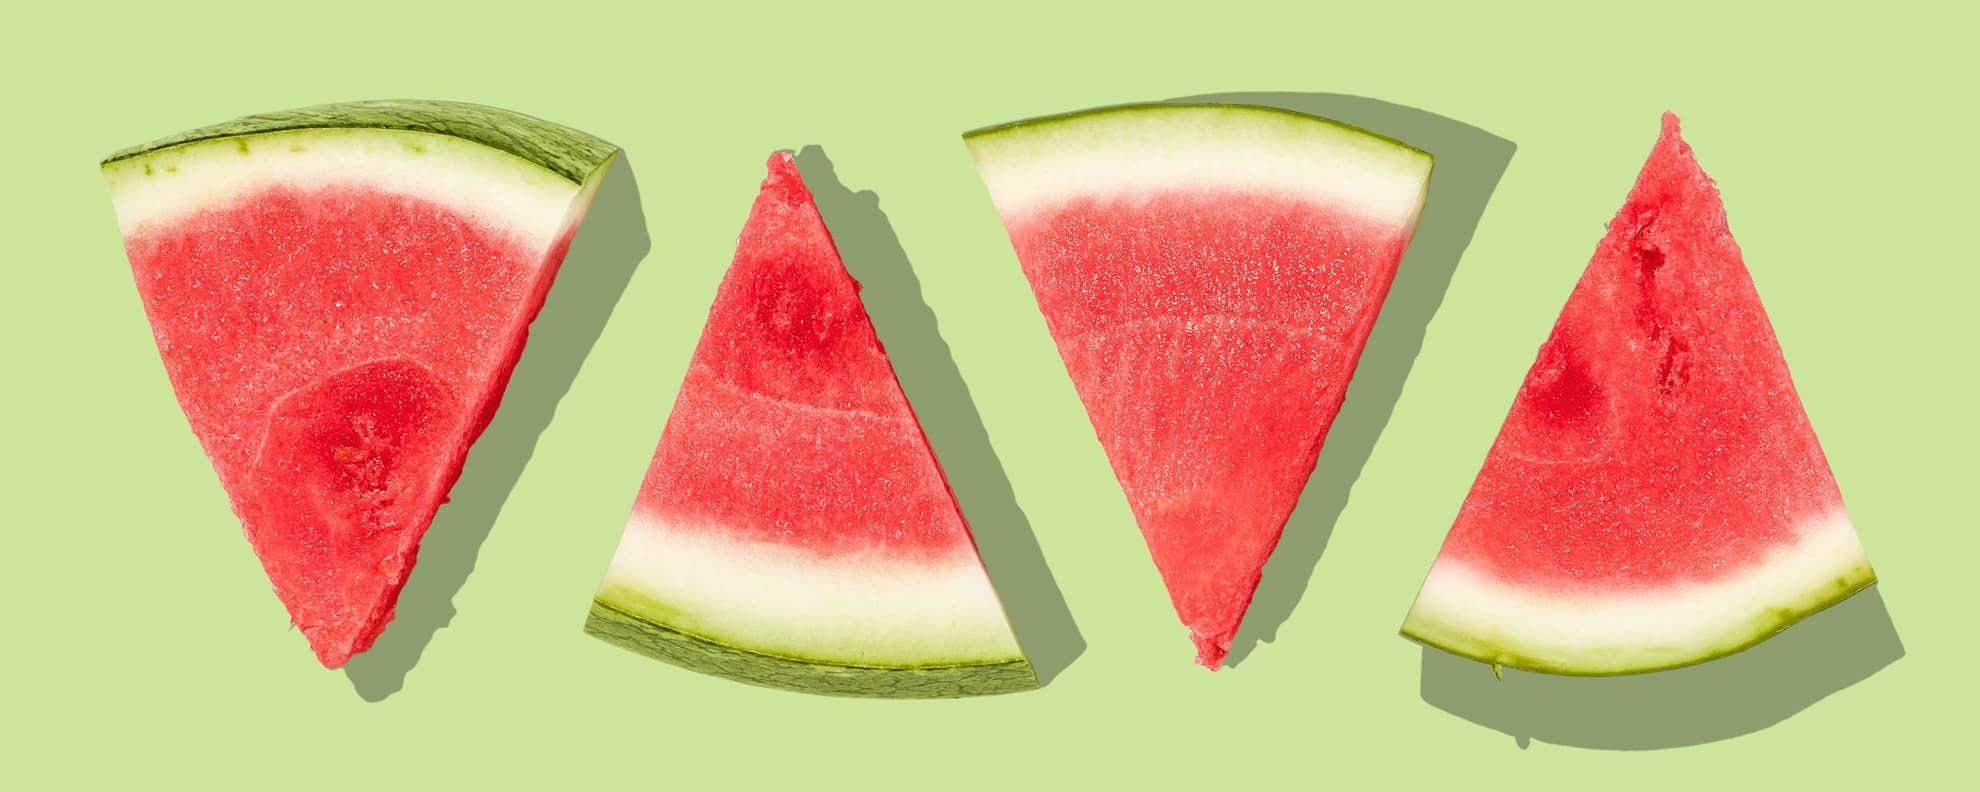 Wassermelone schneiden: 2 einfache Varianten